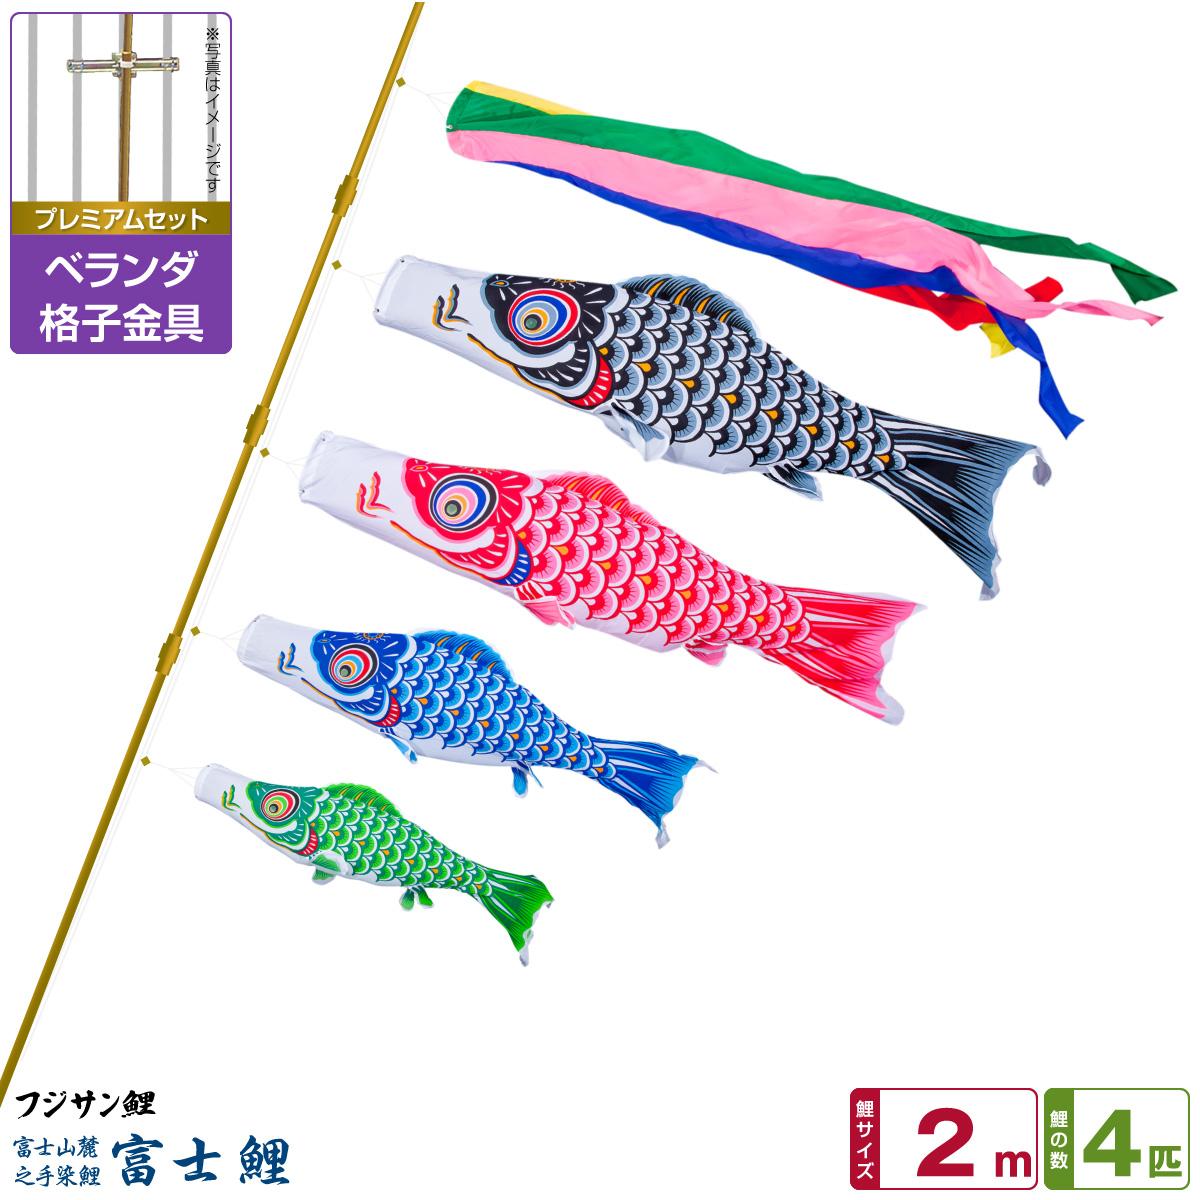 ベランダ用 こいのぼり 鯉のぼり フジサン鯉 富士鯉 2m 7点(吹流し+鯉4匹+矢車+ロープ)/プレミアムセット(格子金具)